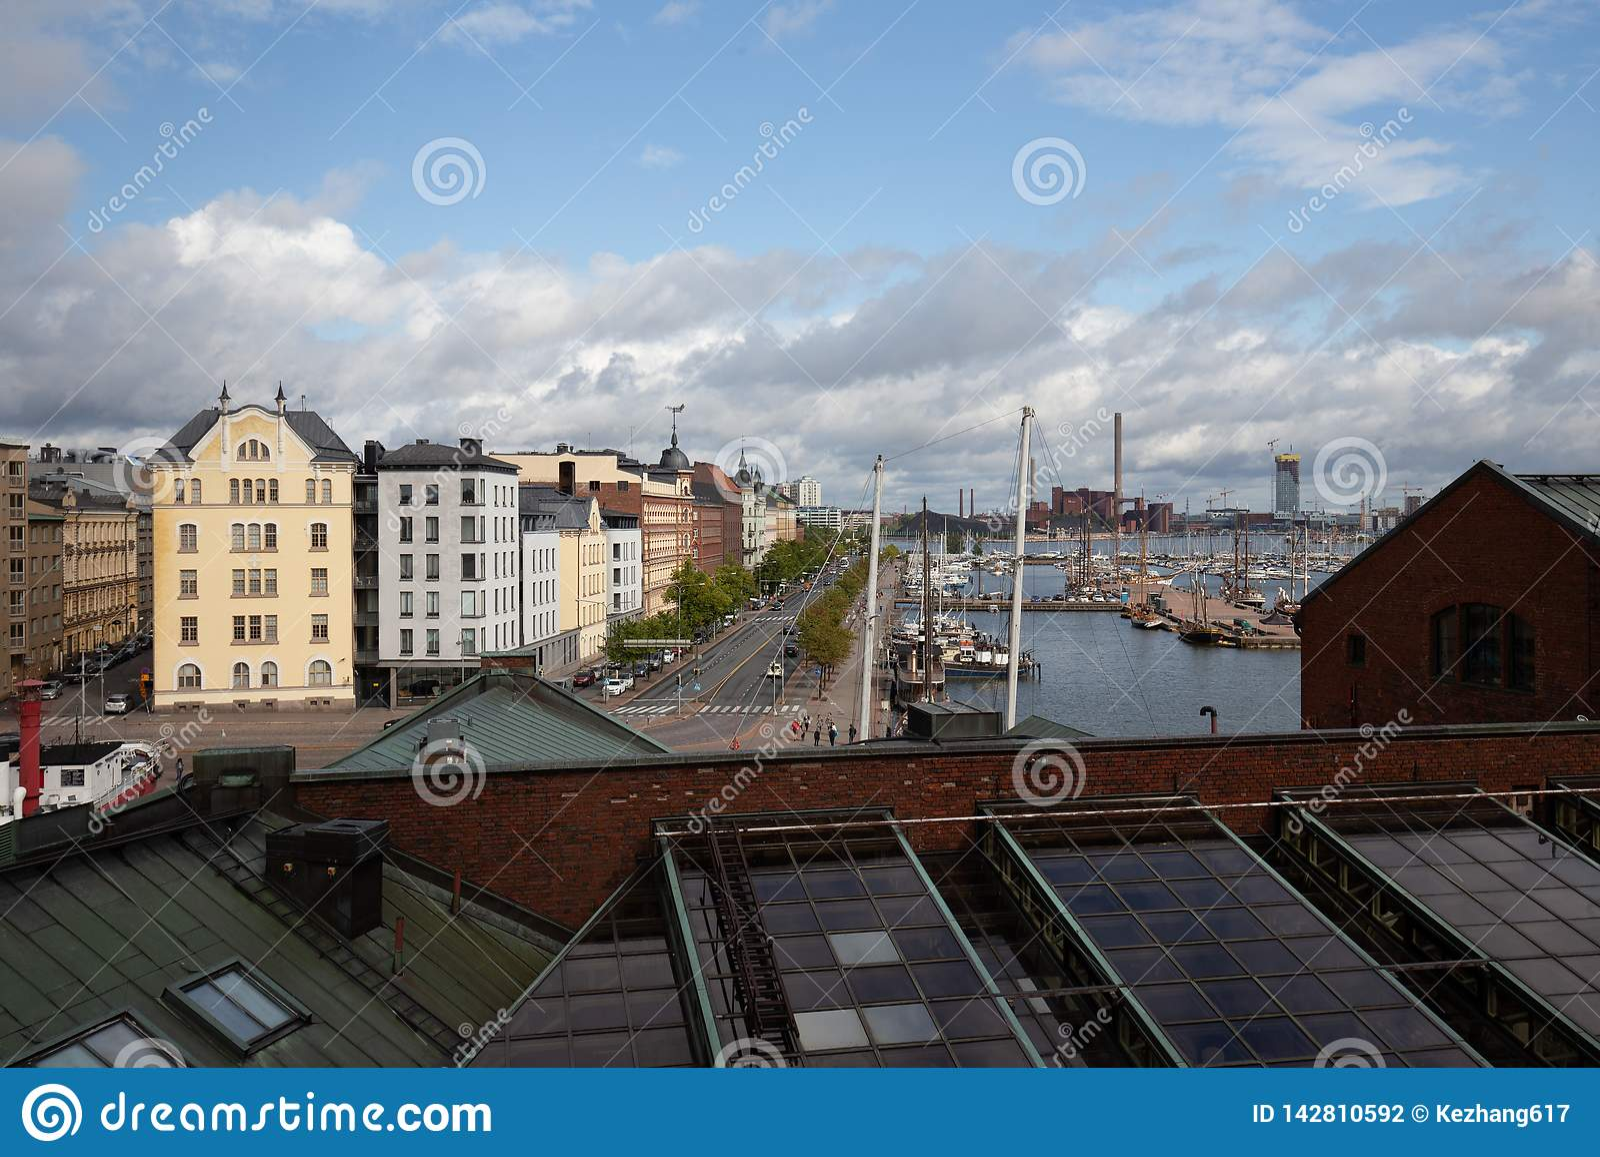 Dachspitzenansicht über Helsinki, das Gebäude und Wasser betrachtet